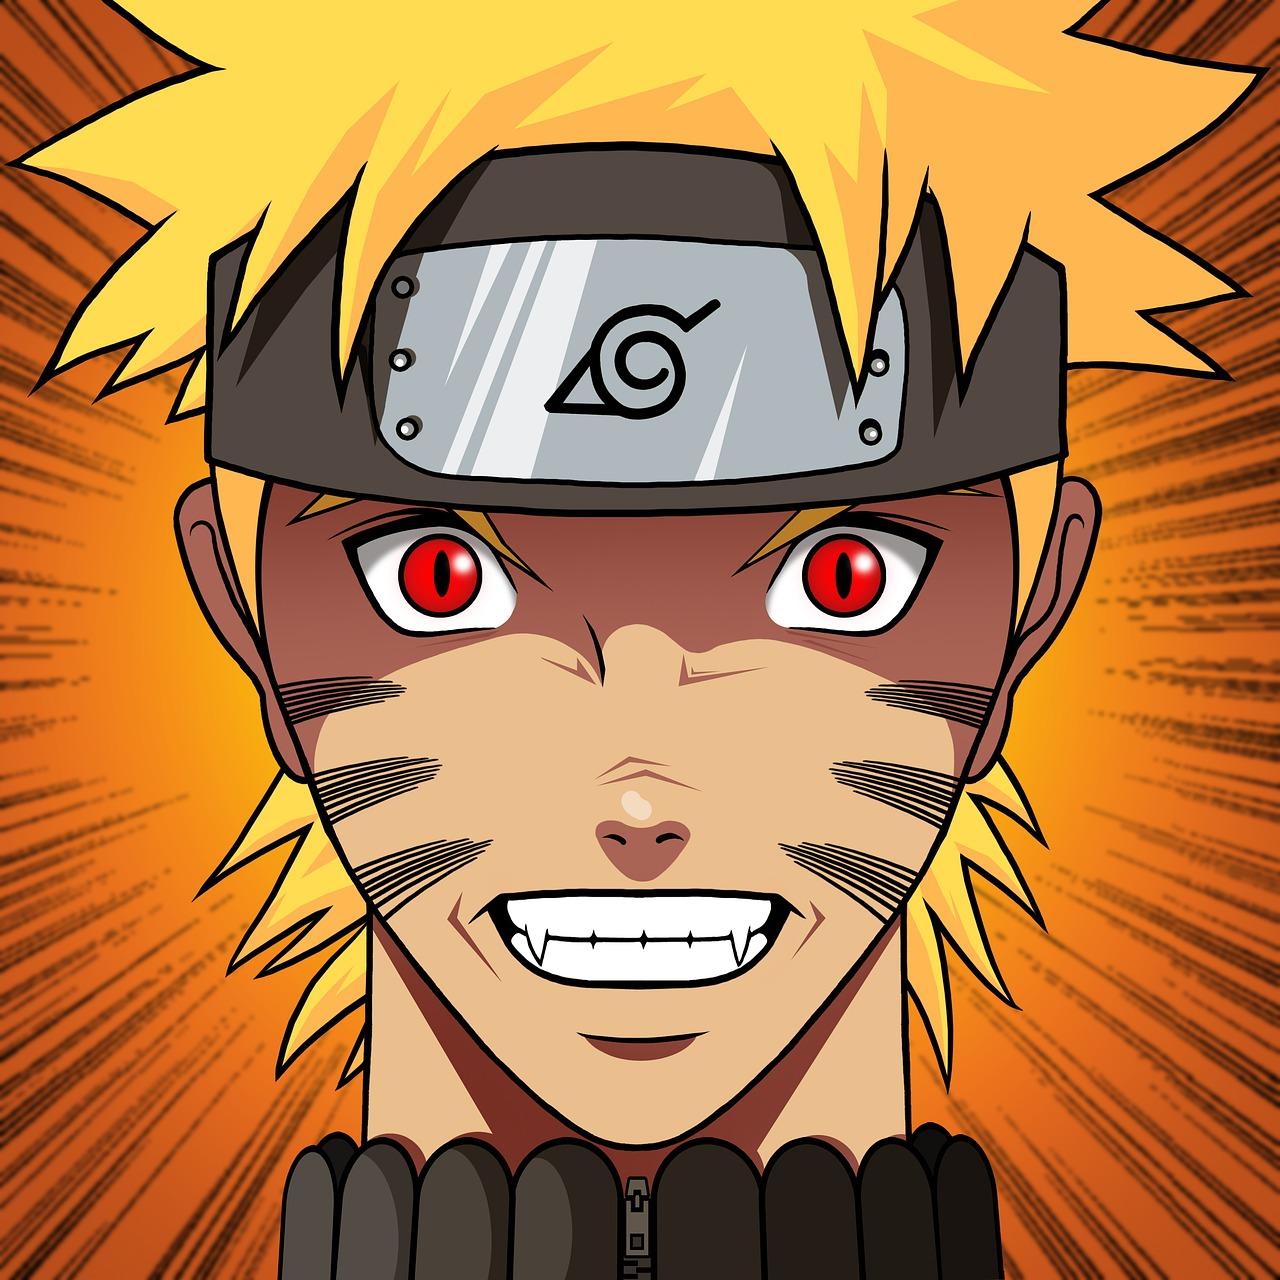 Naruto Anime Ninja - Free image on Pixabay